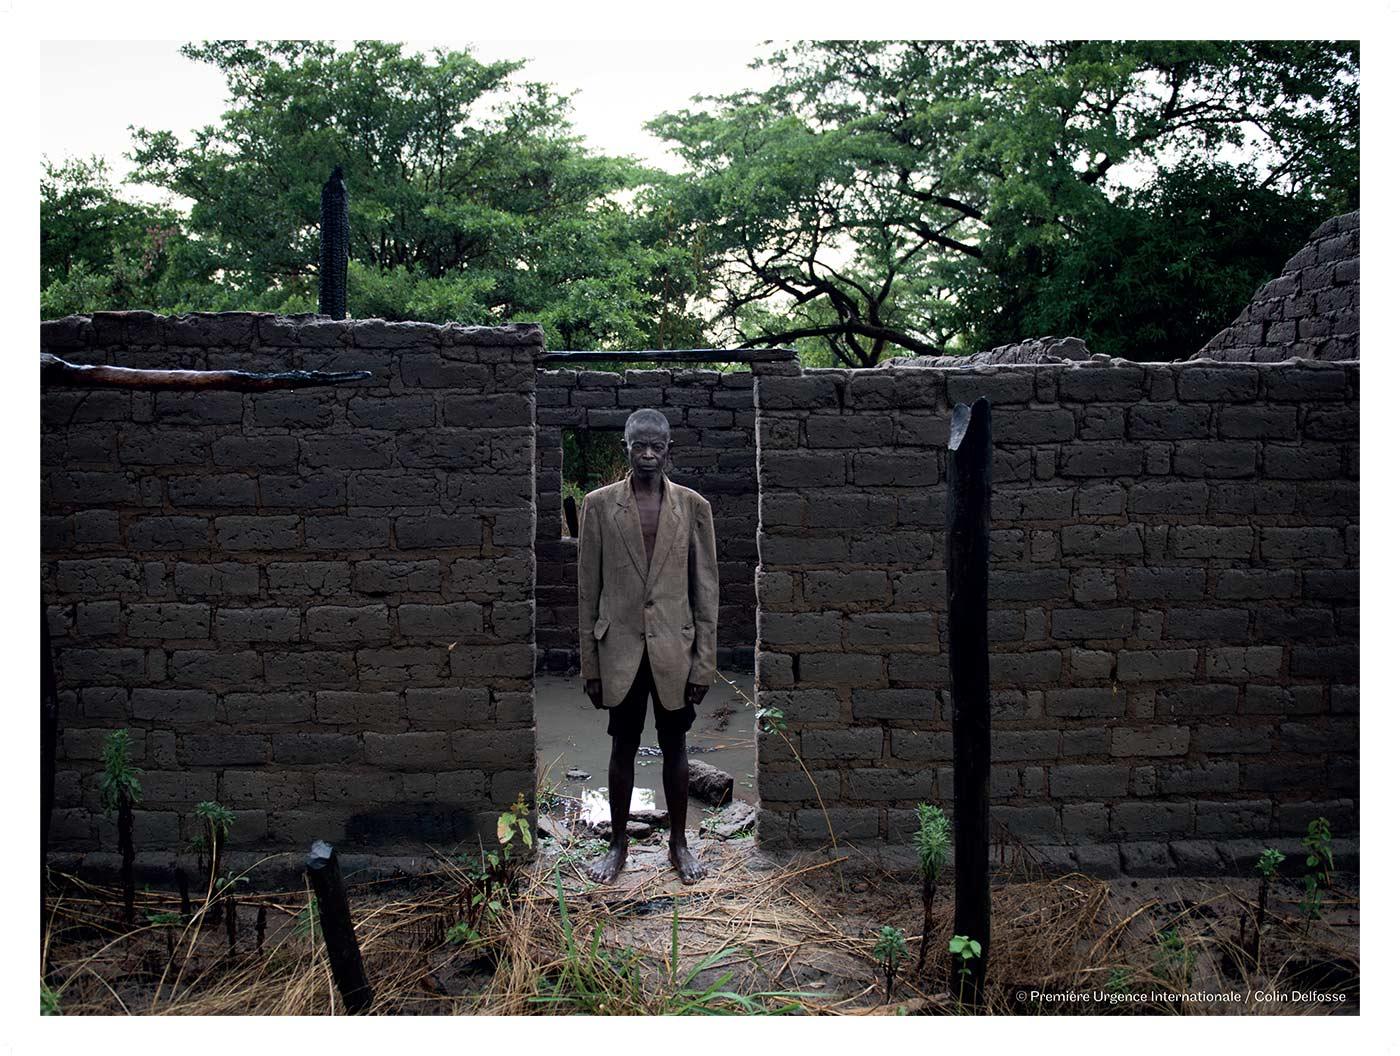 Village proche de Luela – Après six mois d'absence, Kiungu Mukumi vient de rentrer chez lui.